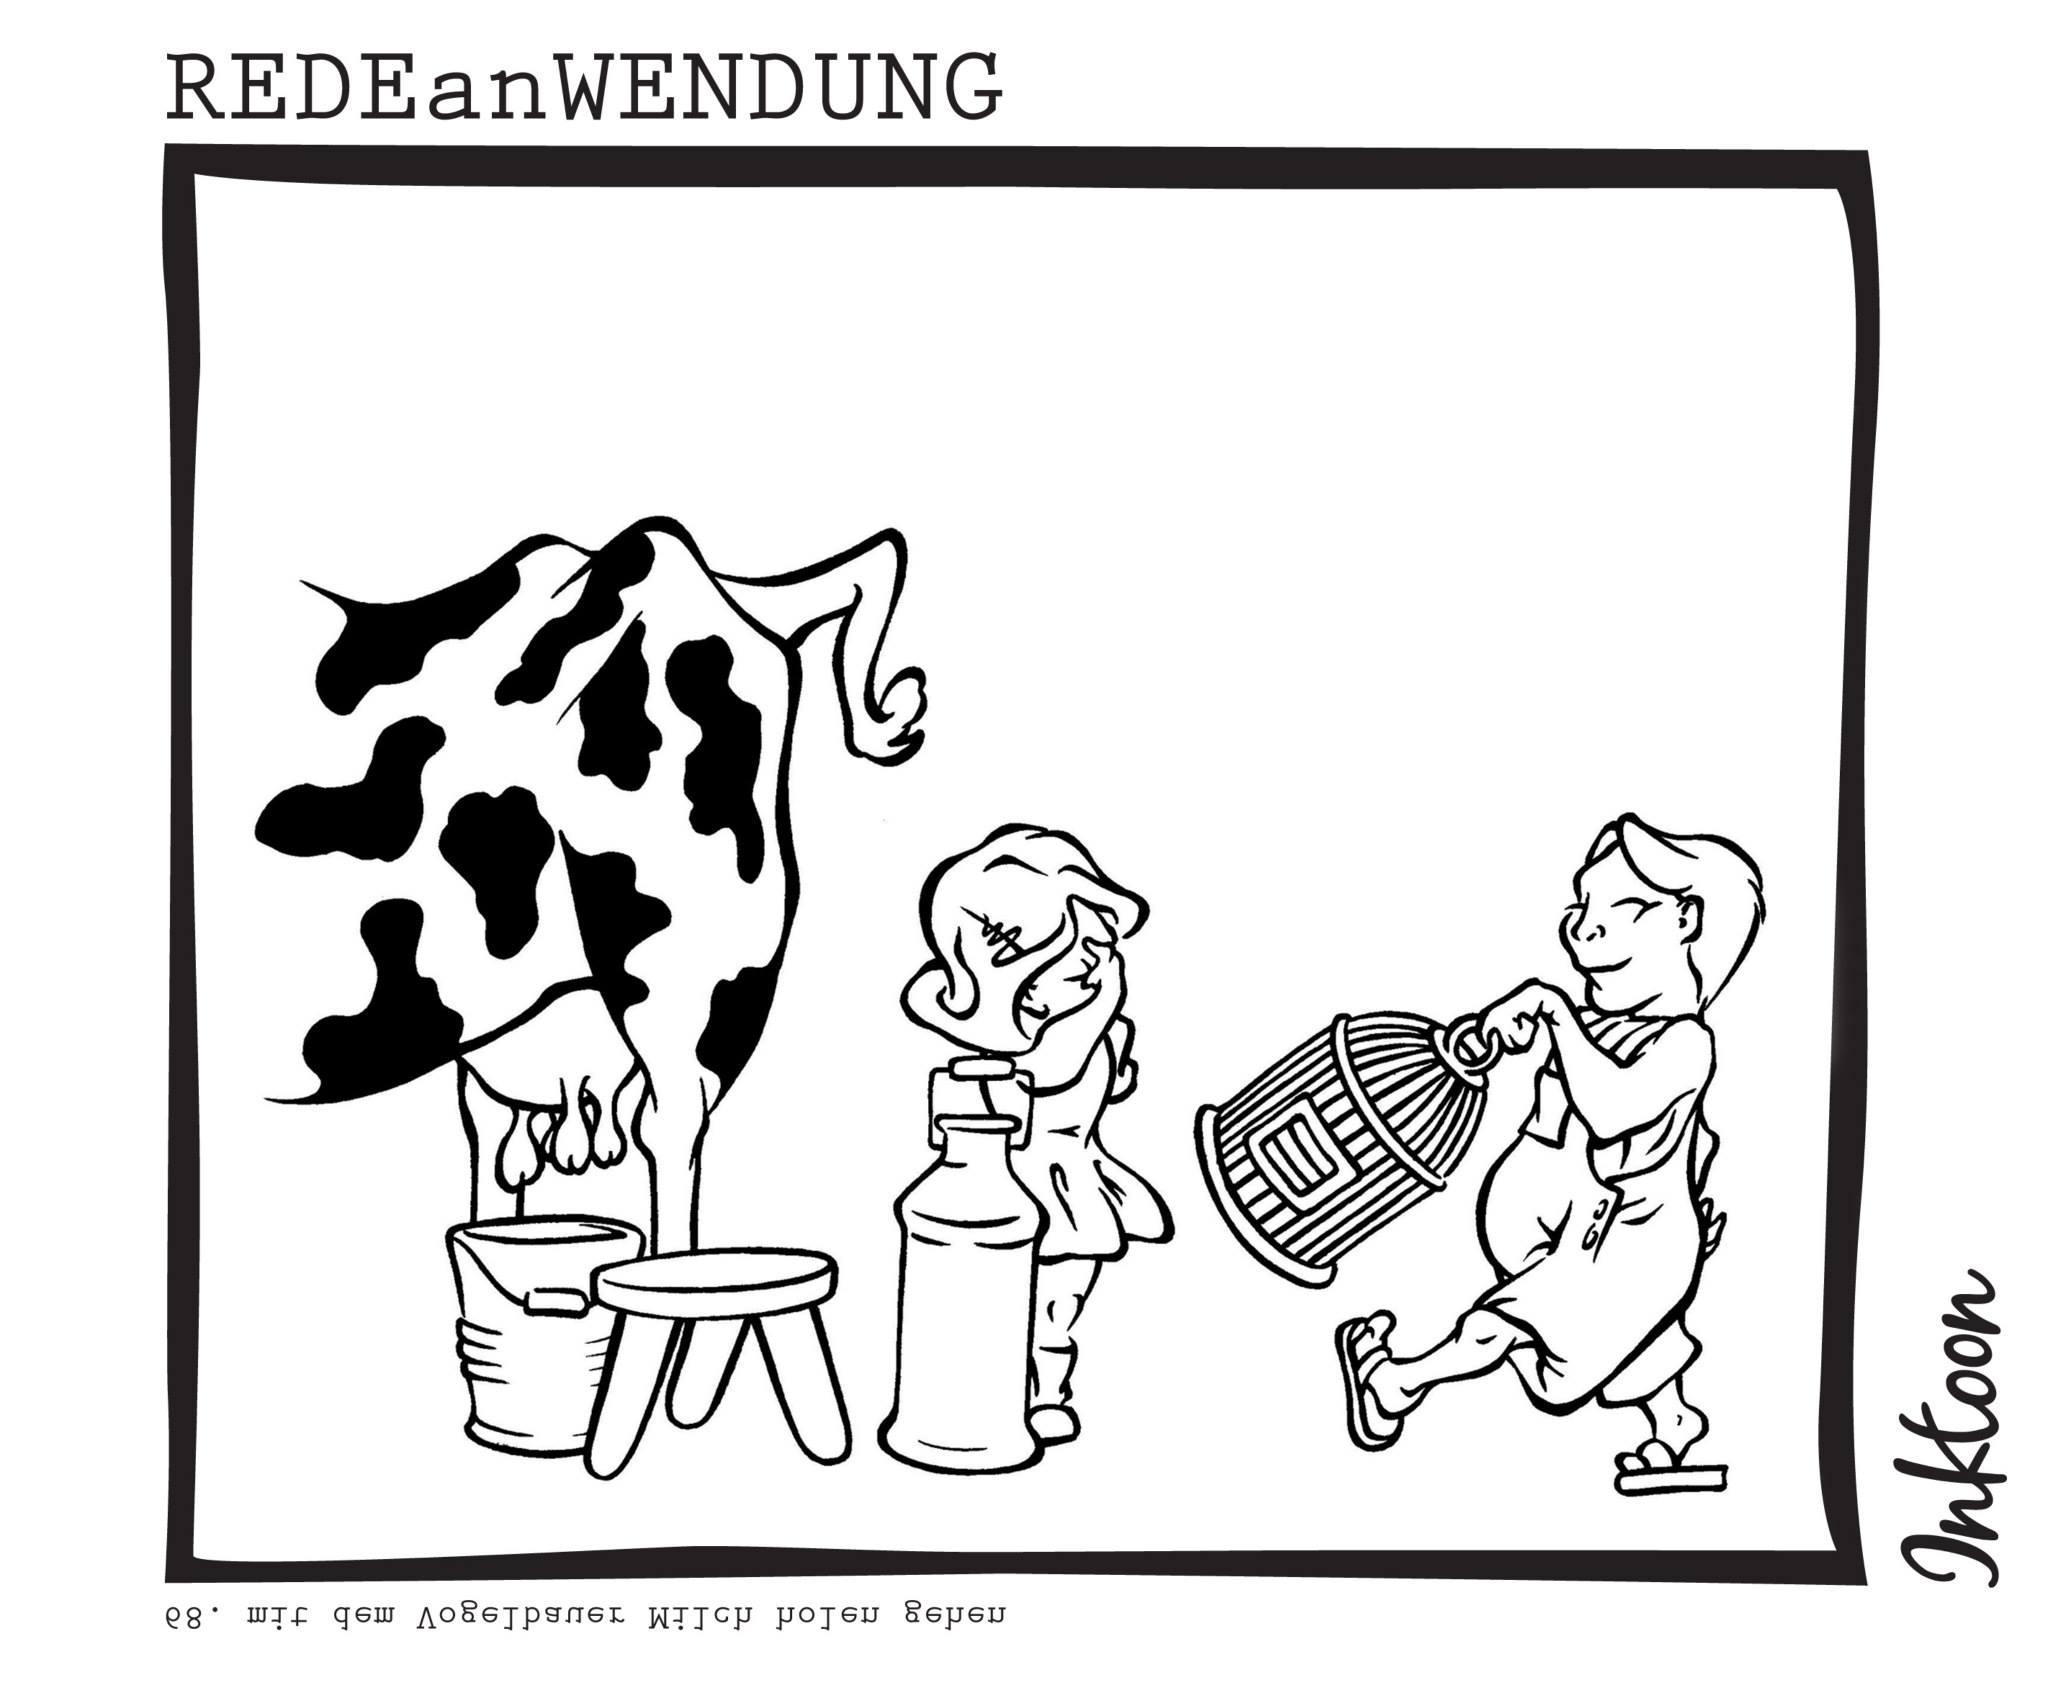 mit dem Vogelbauer Milch holen gehen abmühen Arbeit umsonst vergeblich Redewendung Redeanwendung Bilderrätsel toon inktoon Illustration Grafik Sprichwort Bild